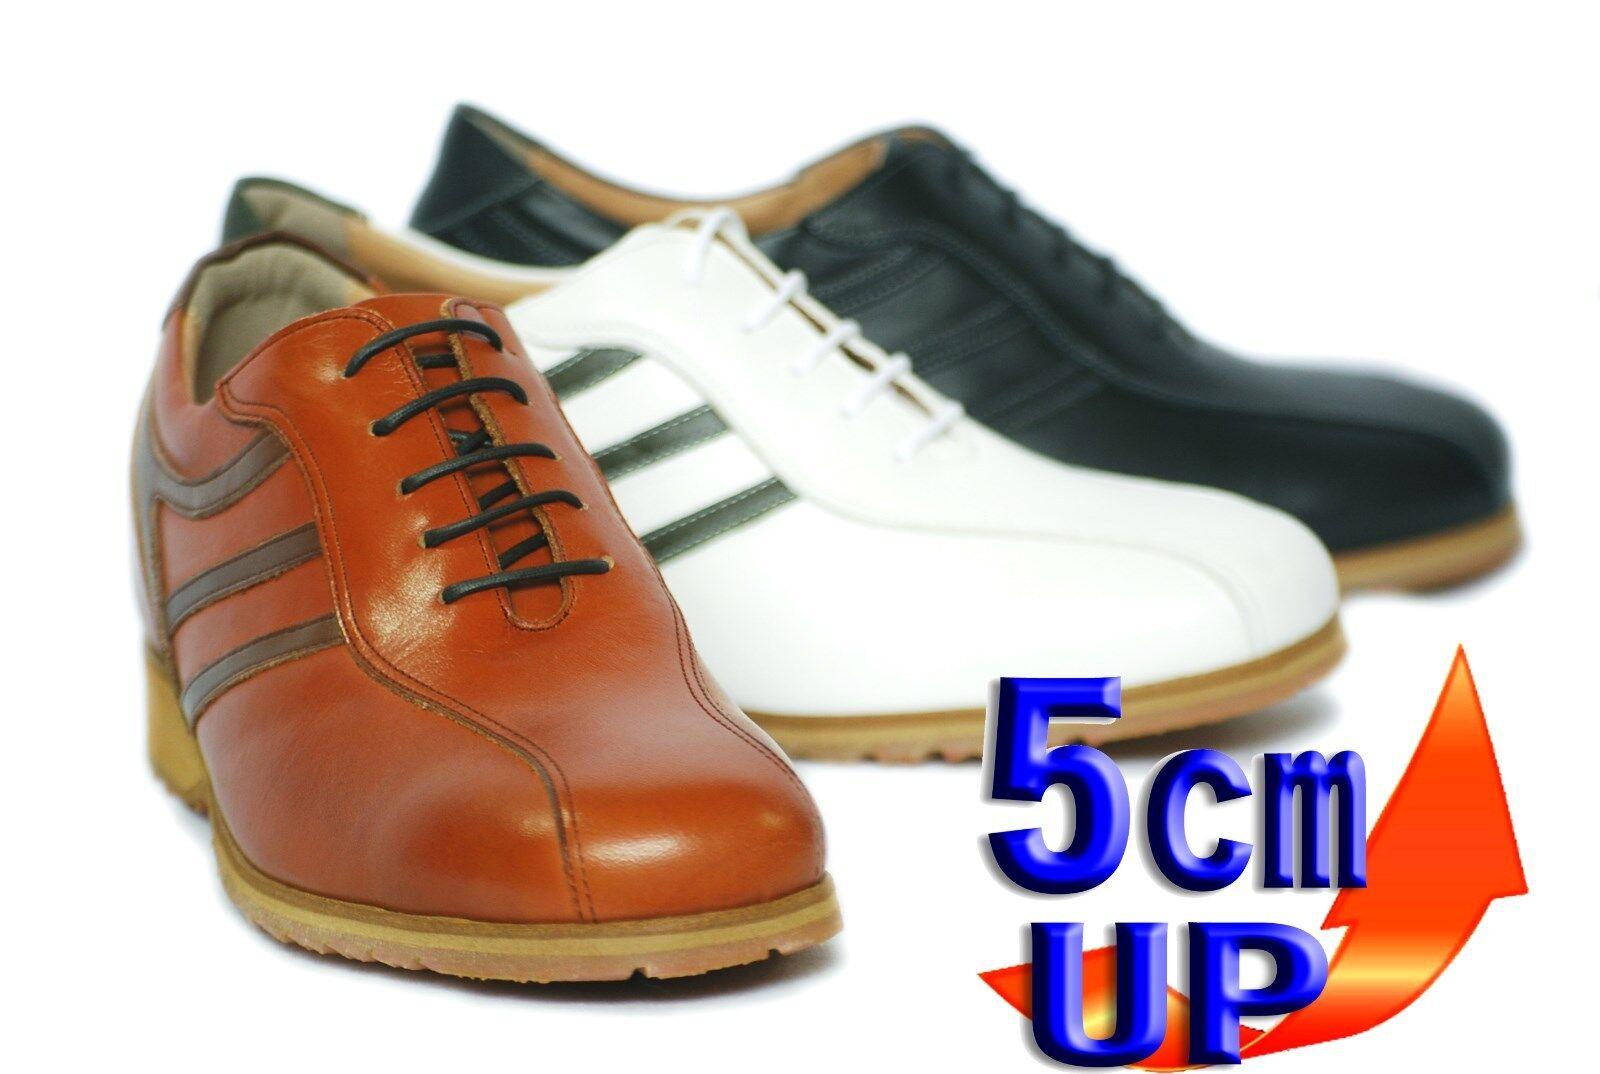 Zapatillas para hombre Cuero blancoos Up  Elevador altura Japón Kitajima creciente